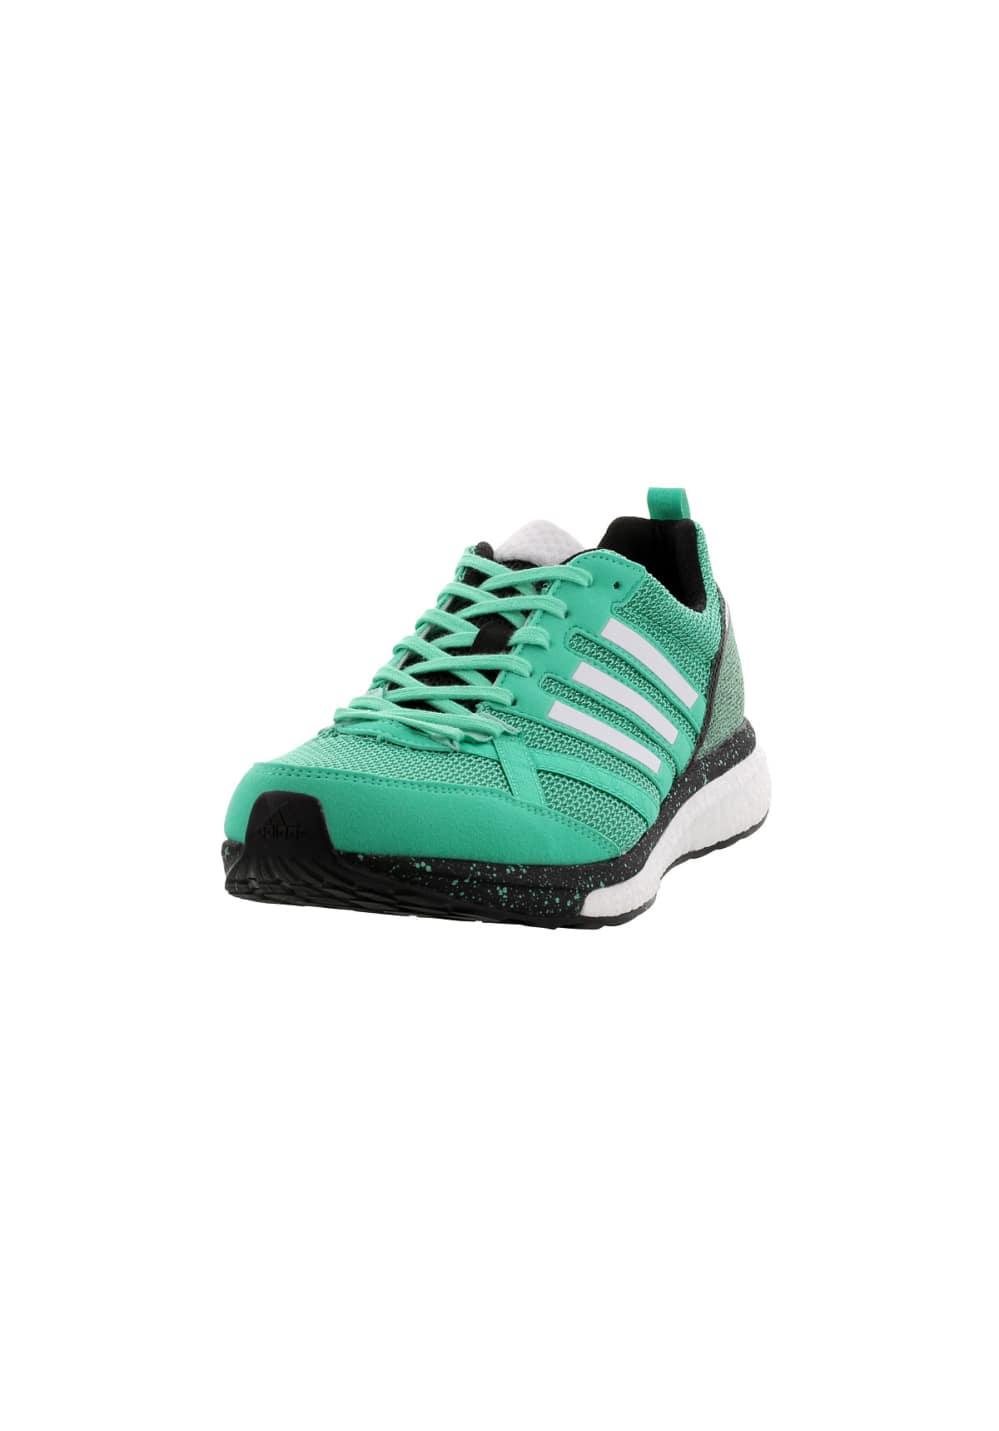 9 Vert21run Chaussures Running Pour Adizero Tempo Homme Adidas FKcT3ul1J